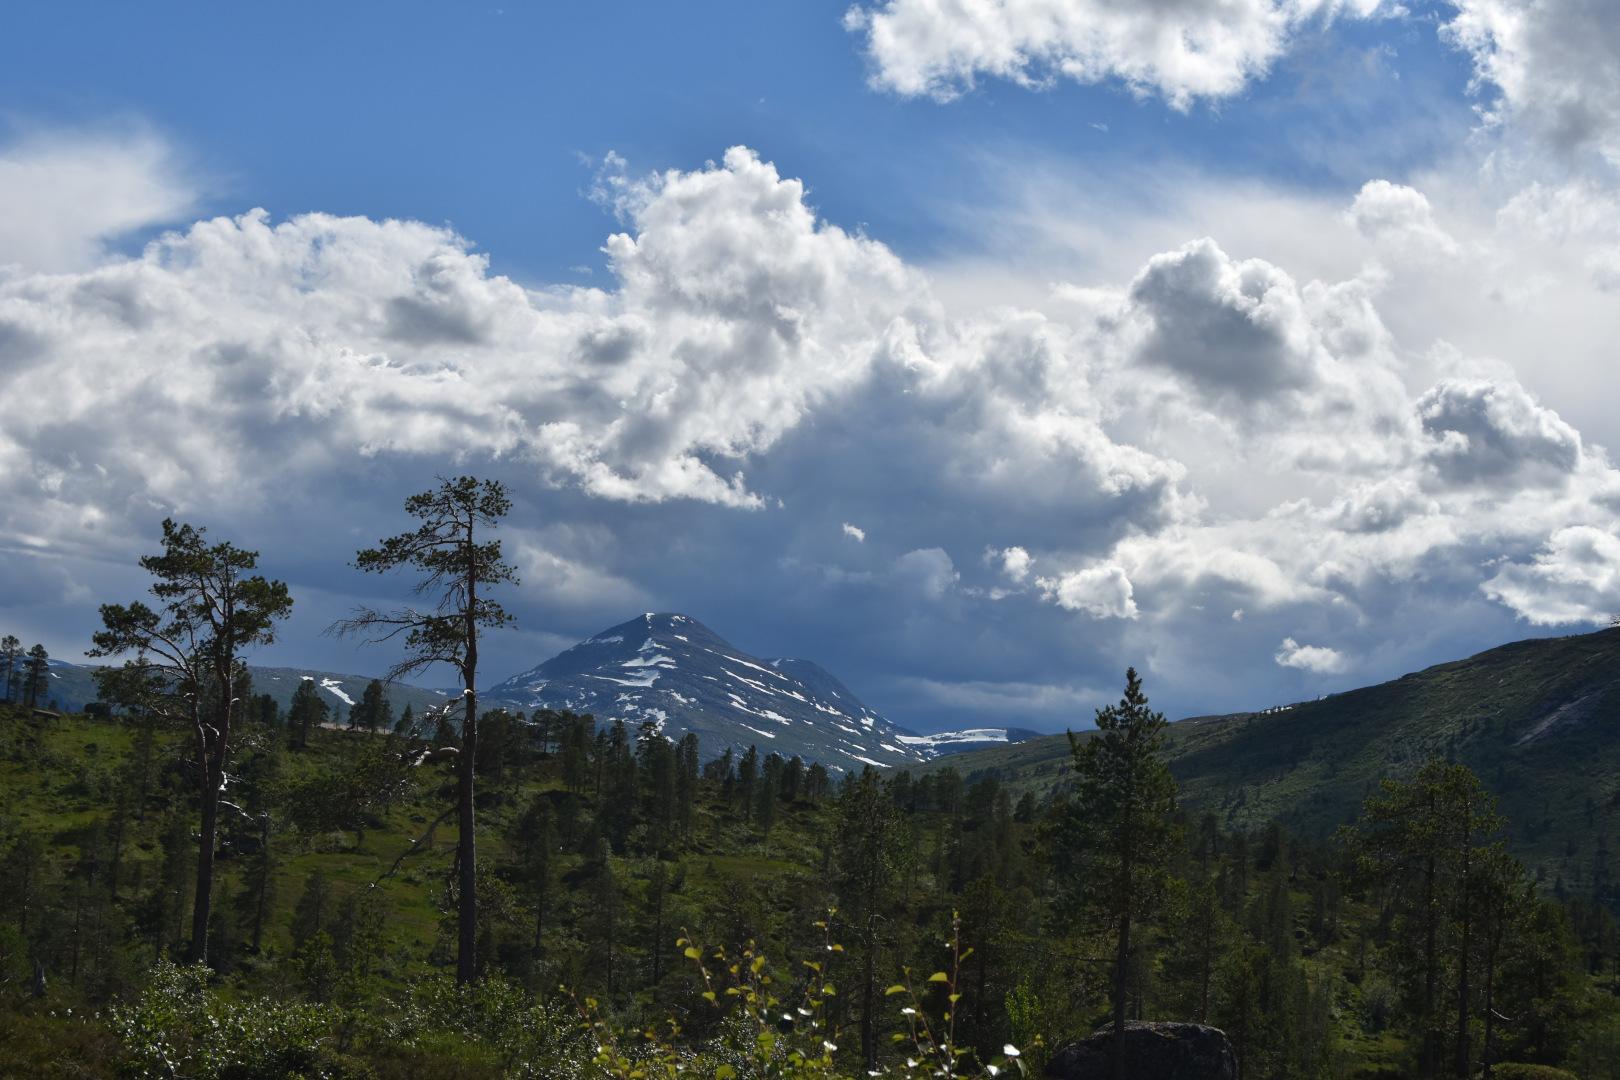 Uværet kommer. Tatt retning Fruhøtta 7. juli 2021. Fotograf: Jan-Birger Fjellvang Heftøy